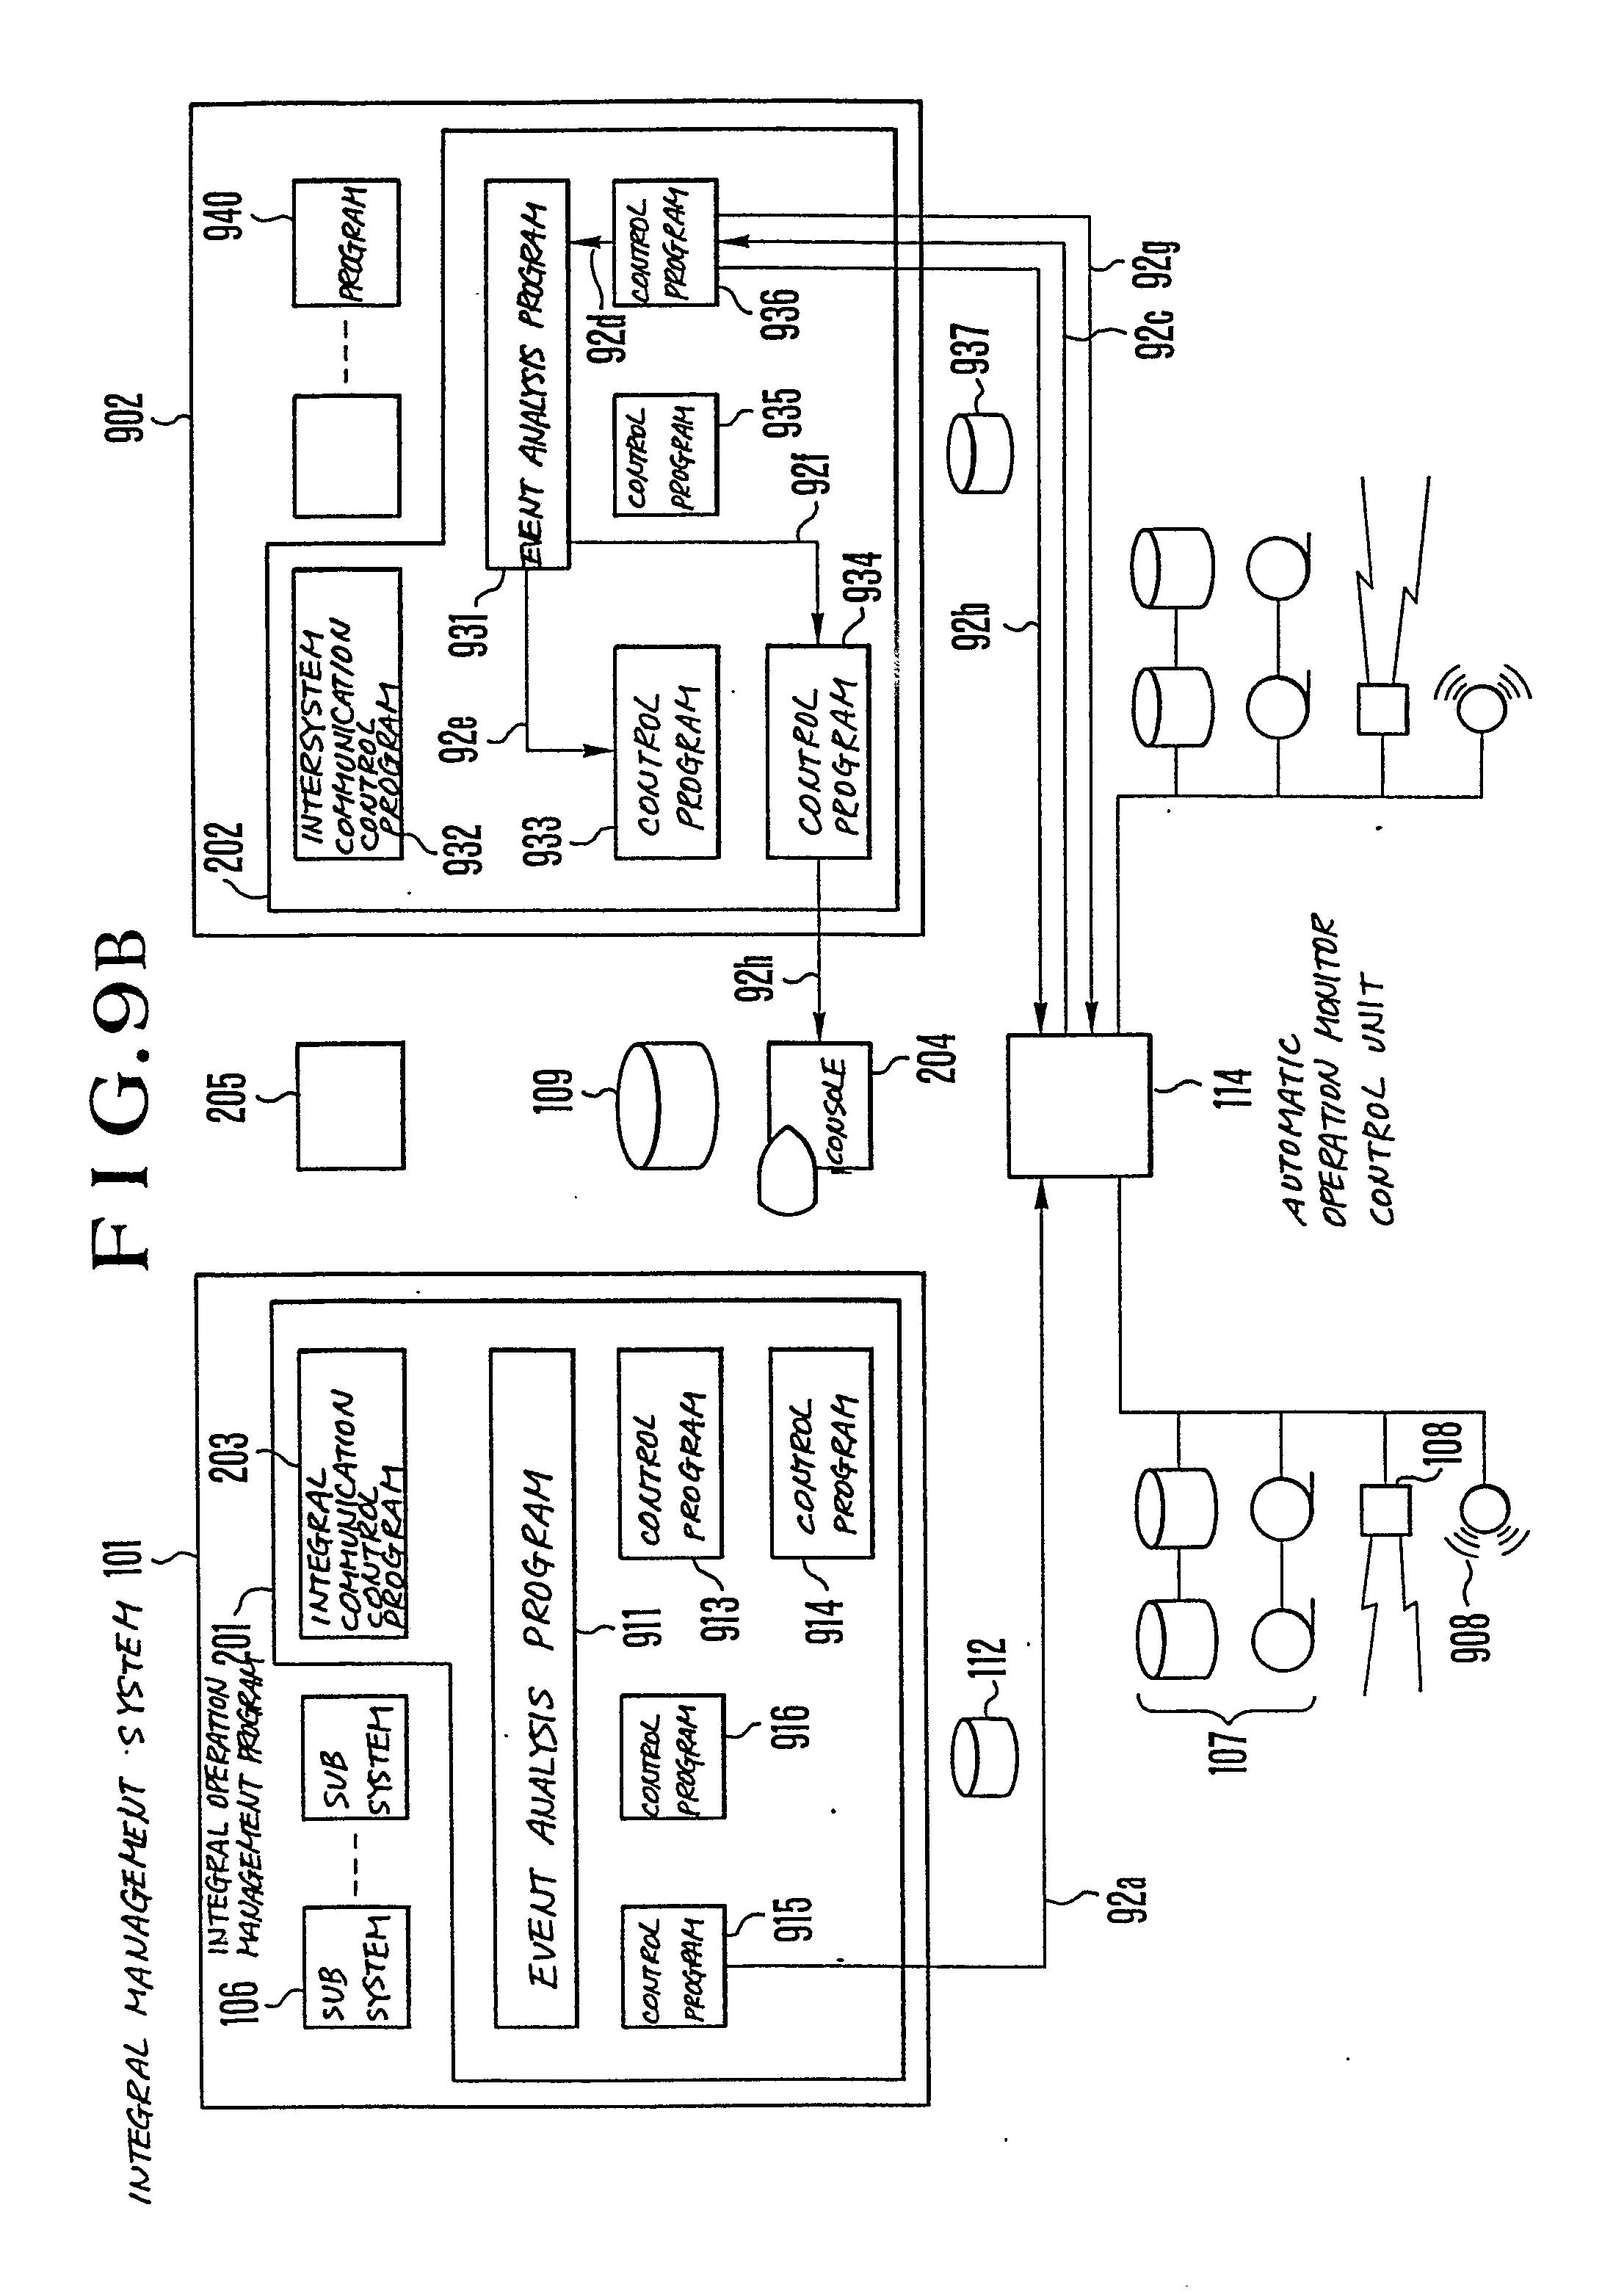 专利ep0361387a2 - système